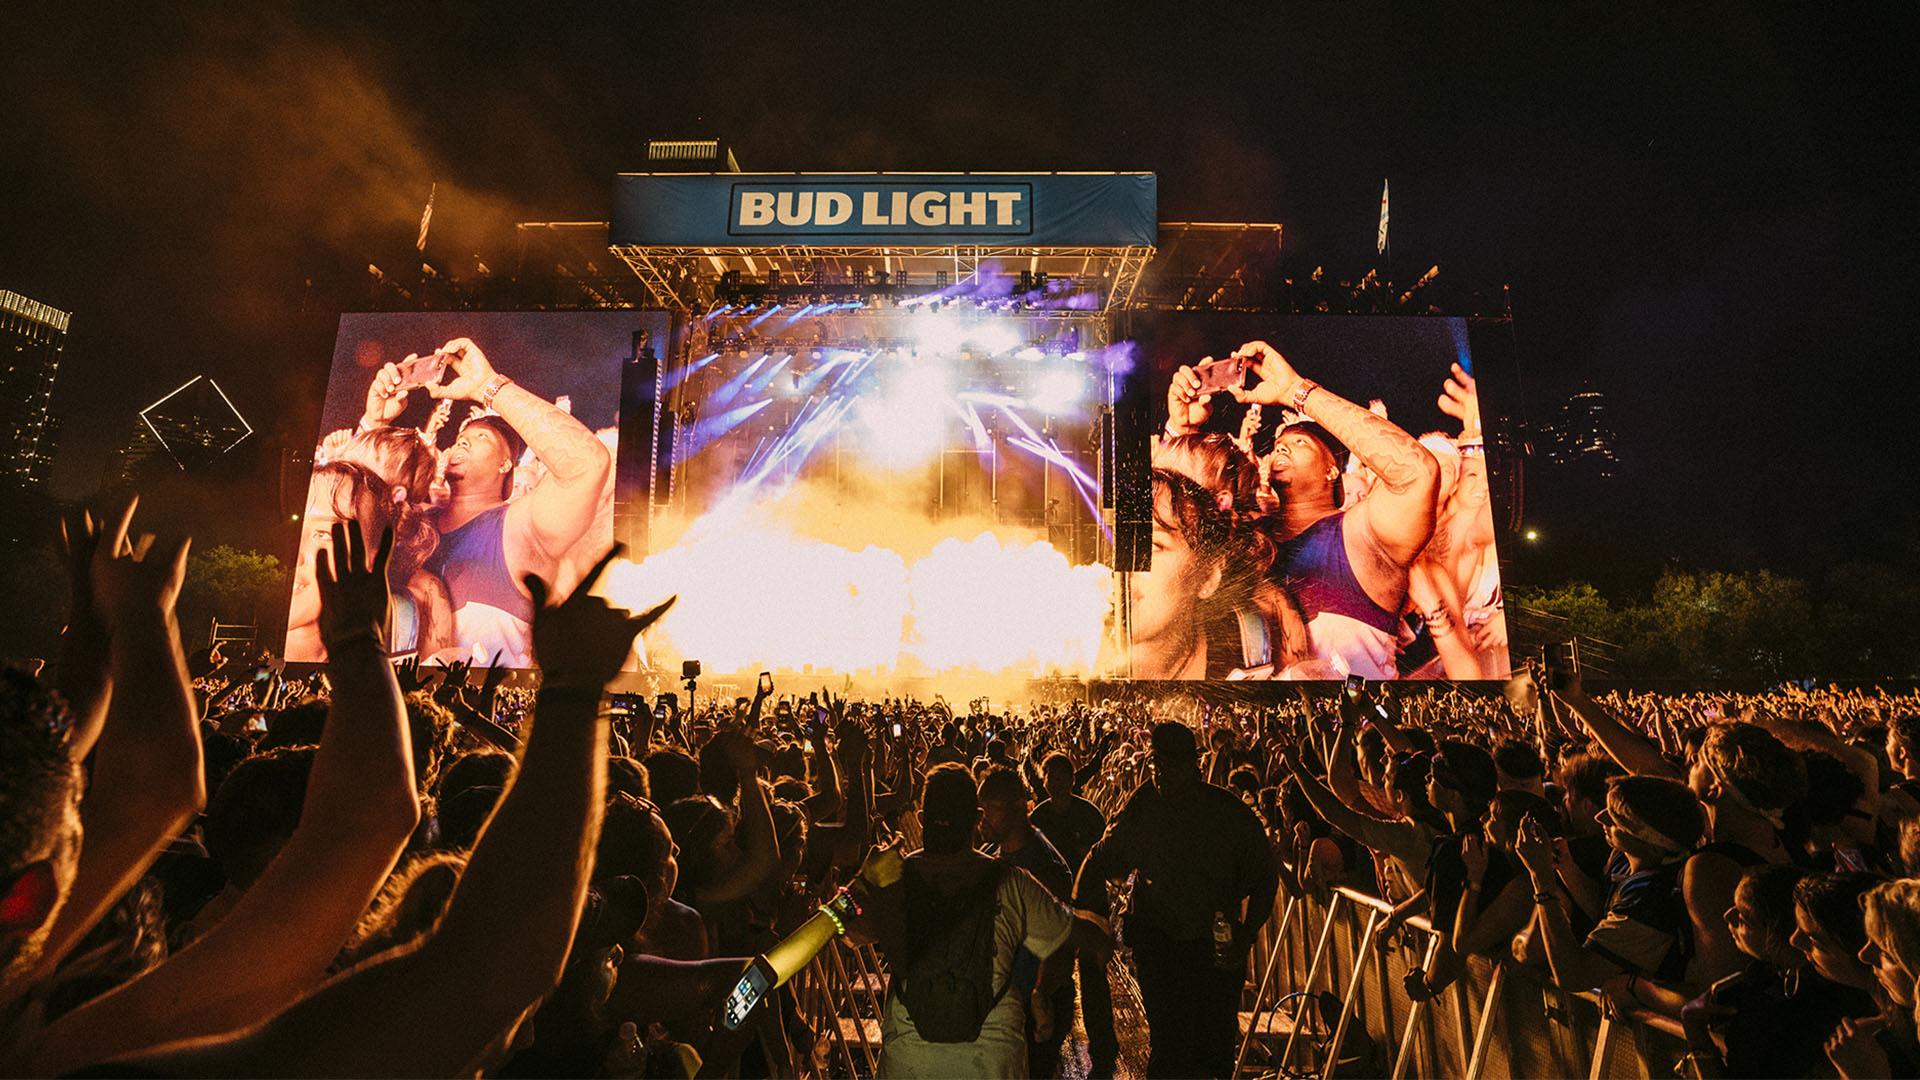 Locura en el escenario Bud Light.